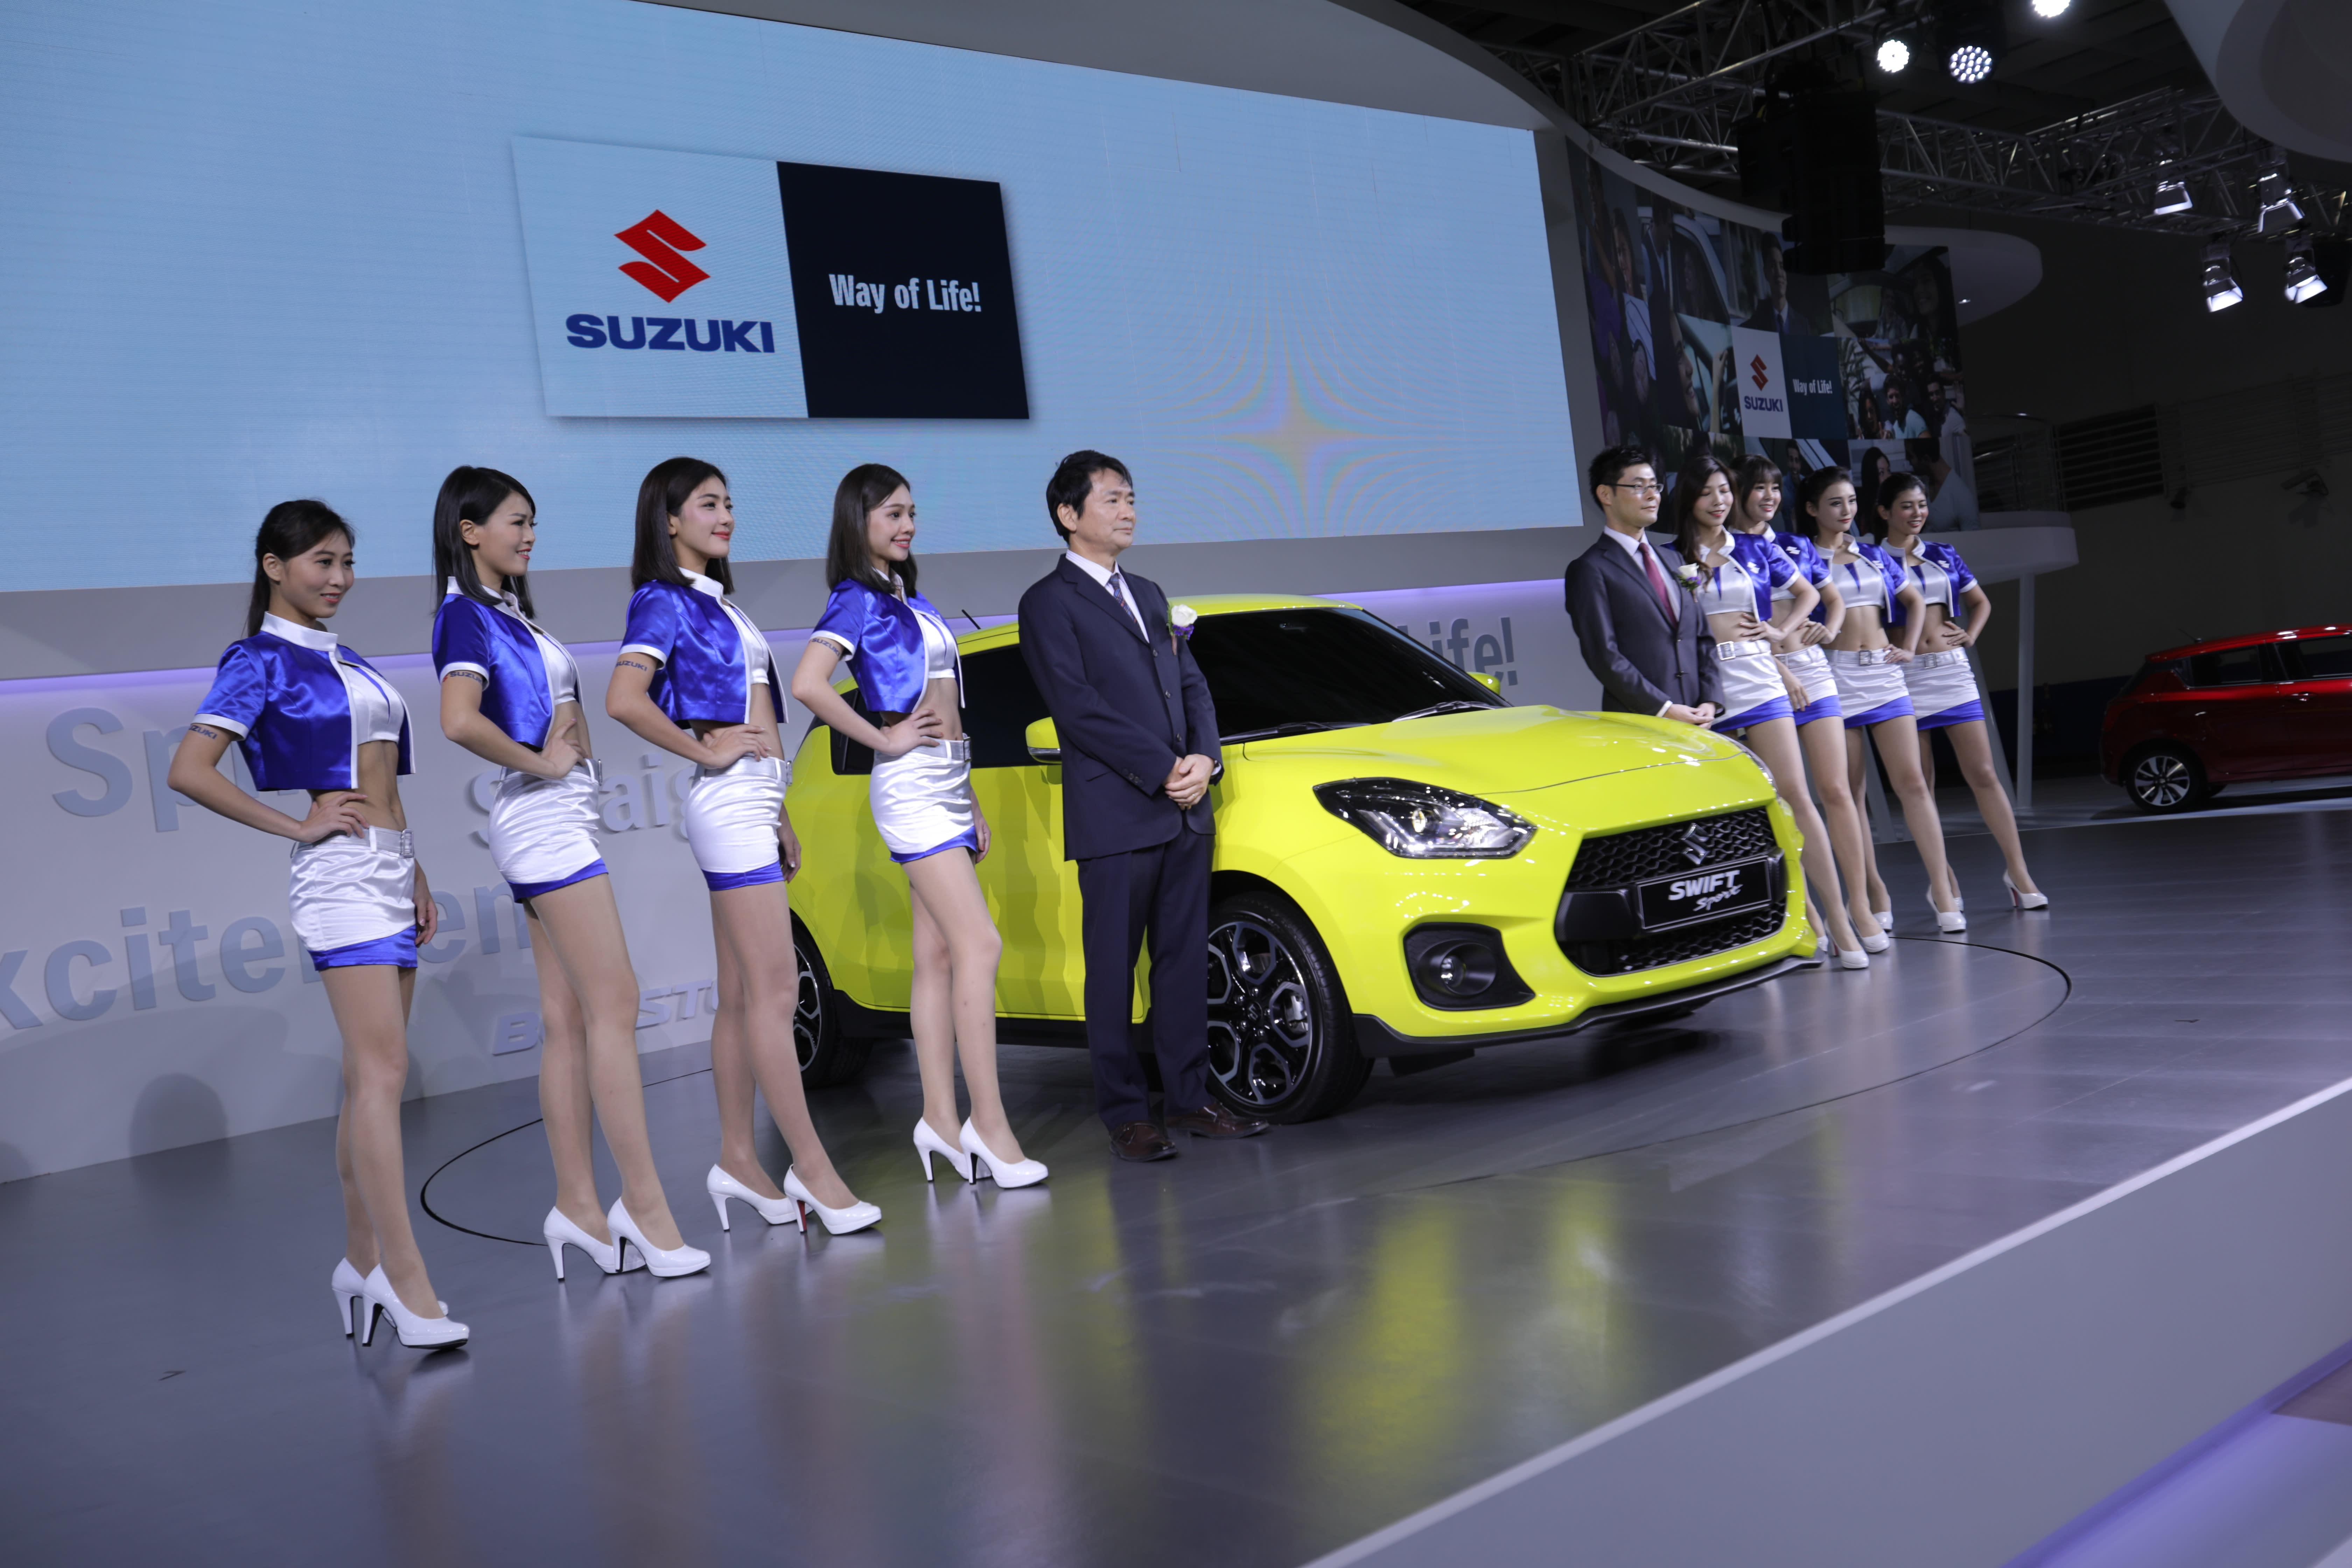 SUZUKI - 2018 世界新車大展 | 特別報導